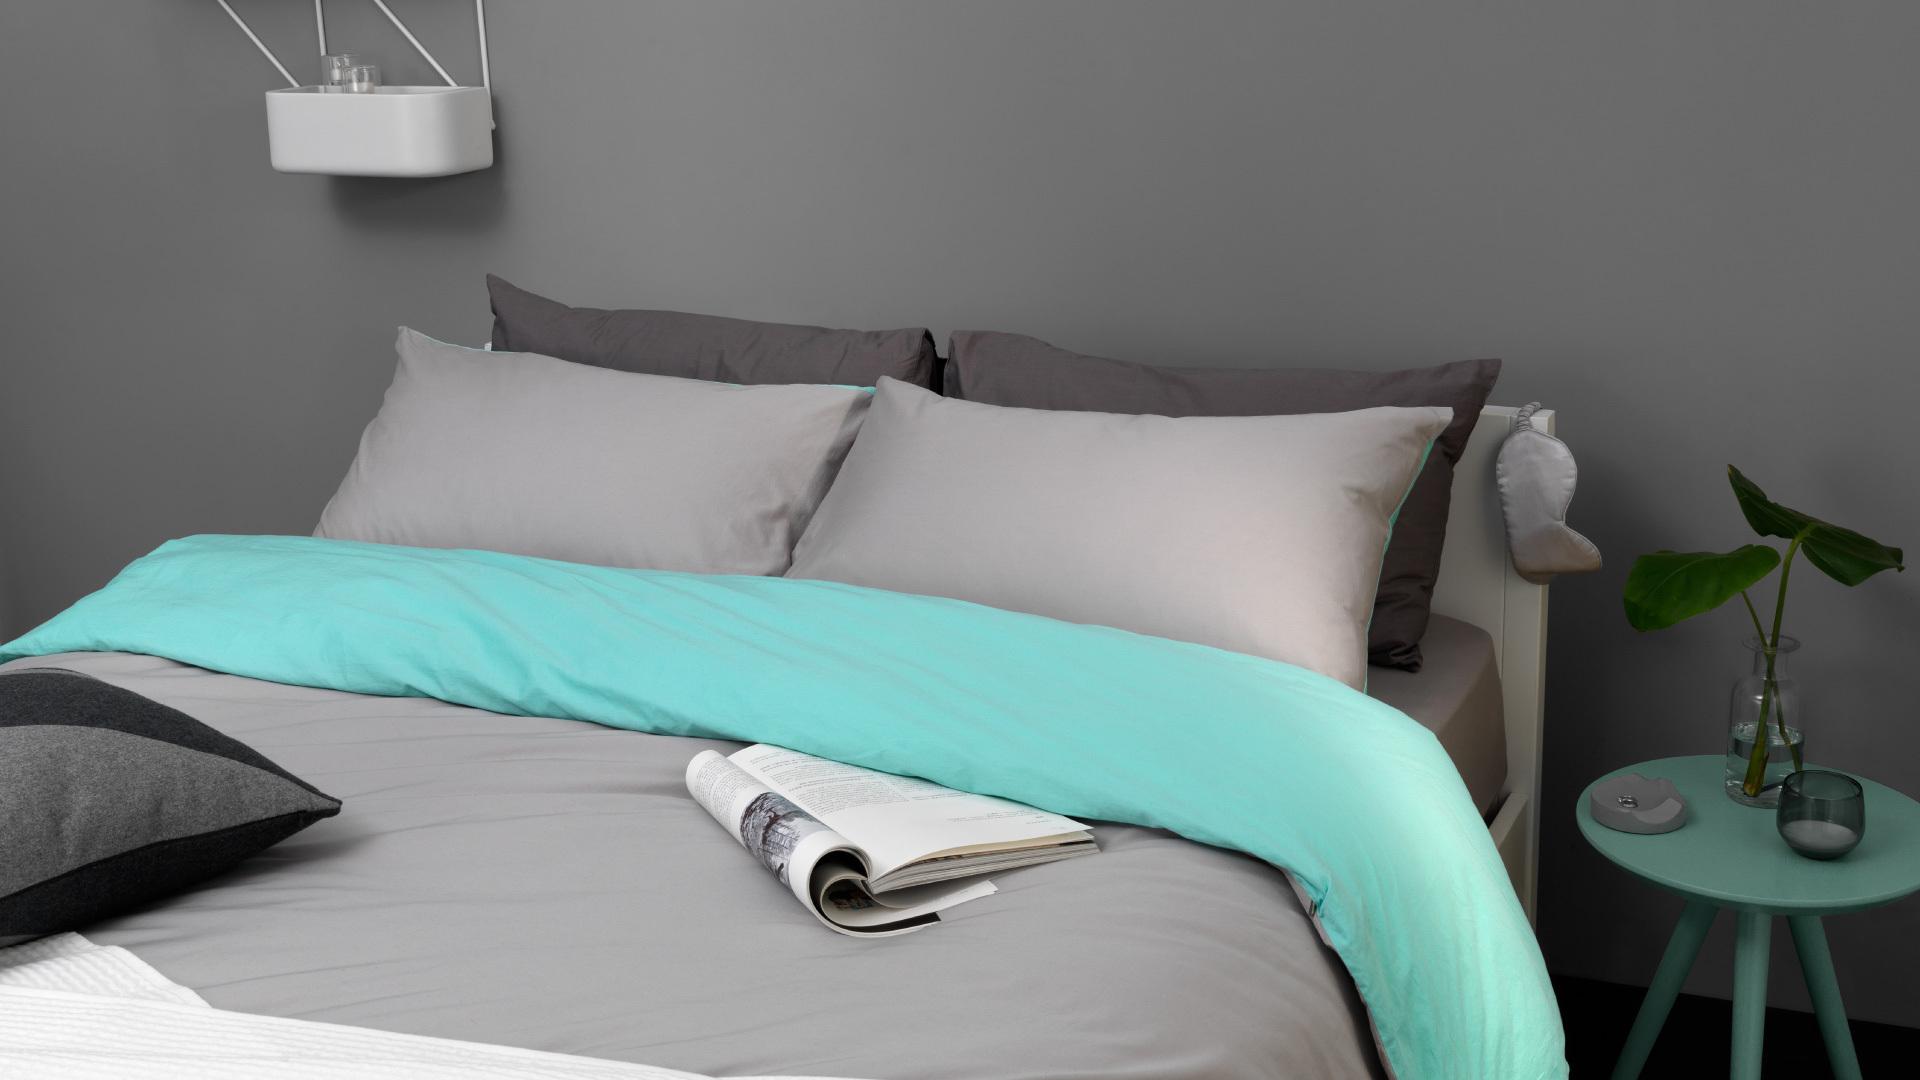 双倍高织物密度,只为让你睡得更好一点